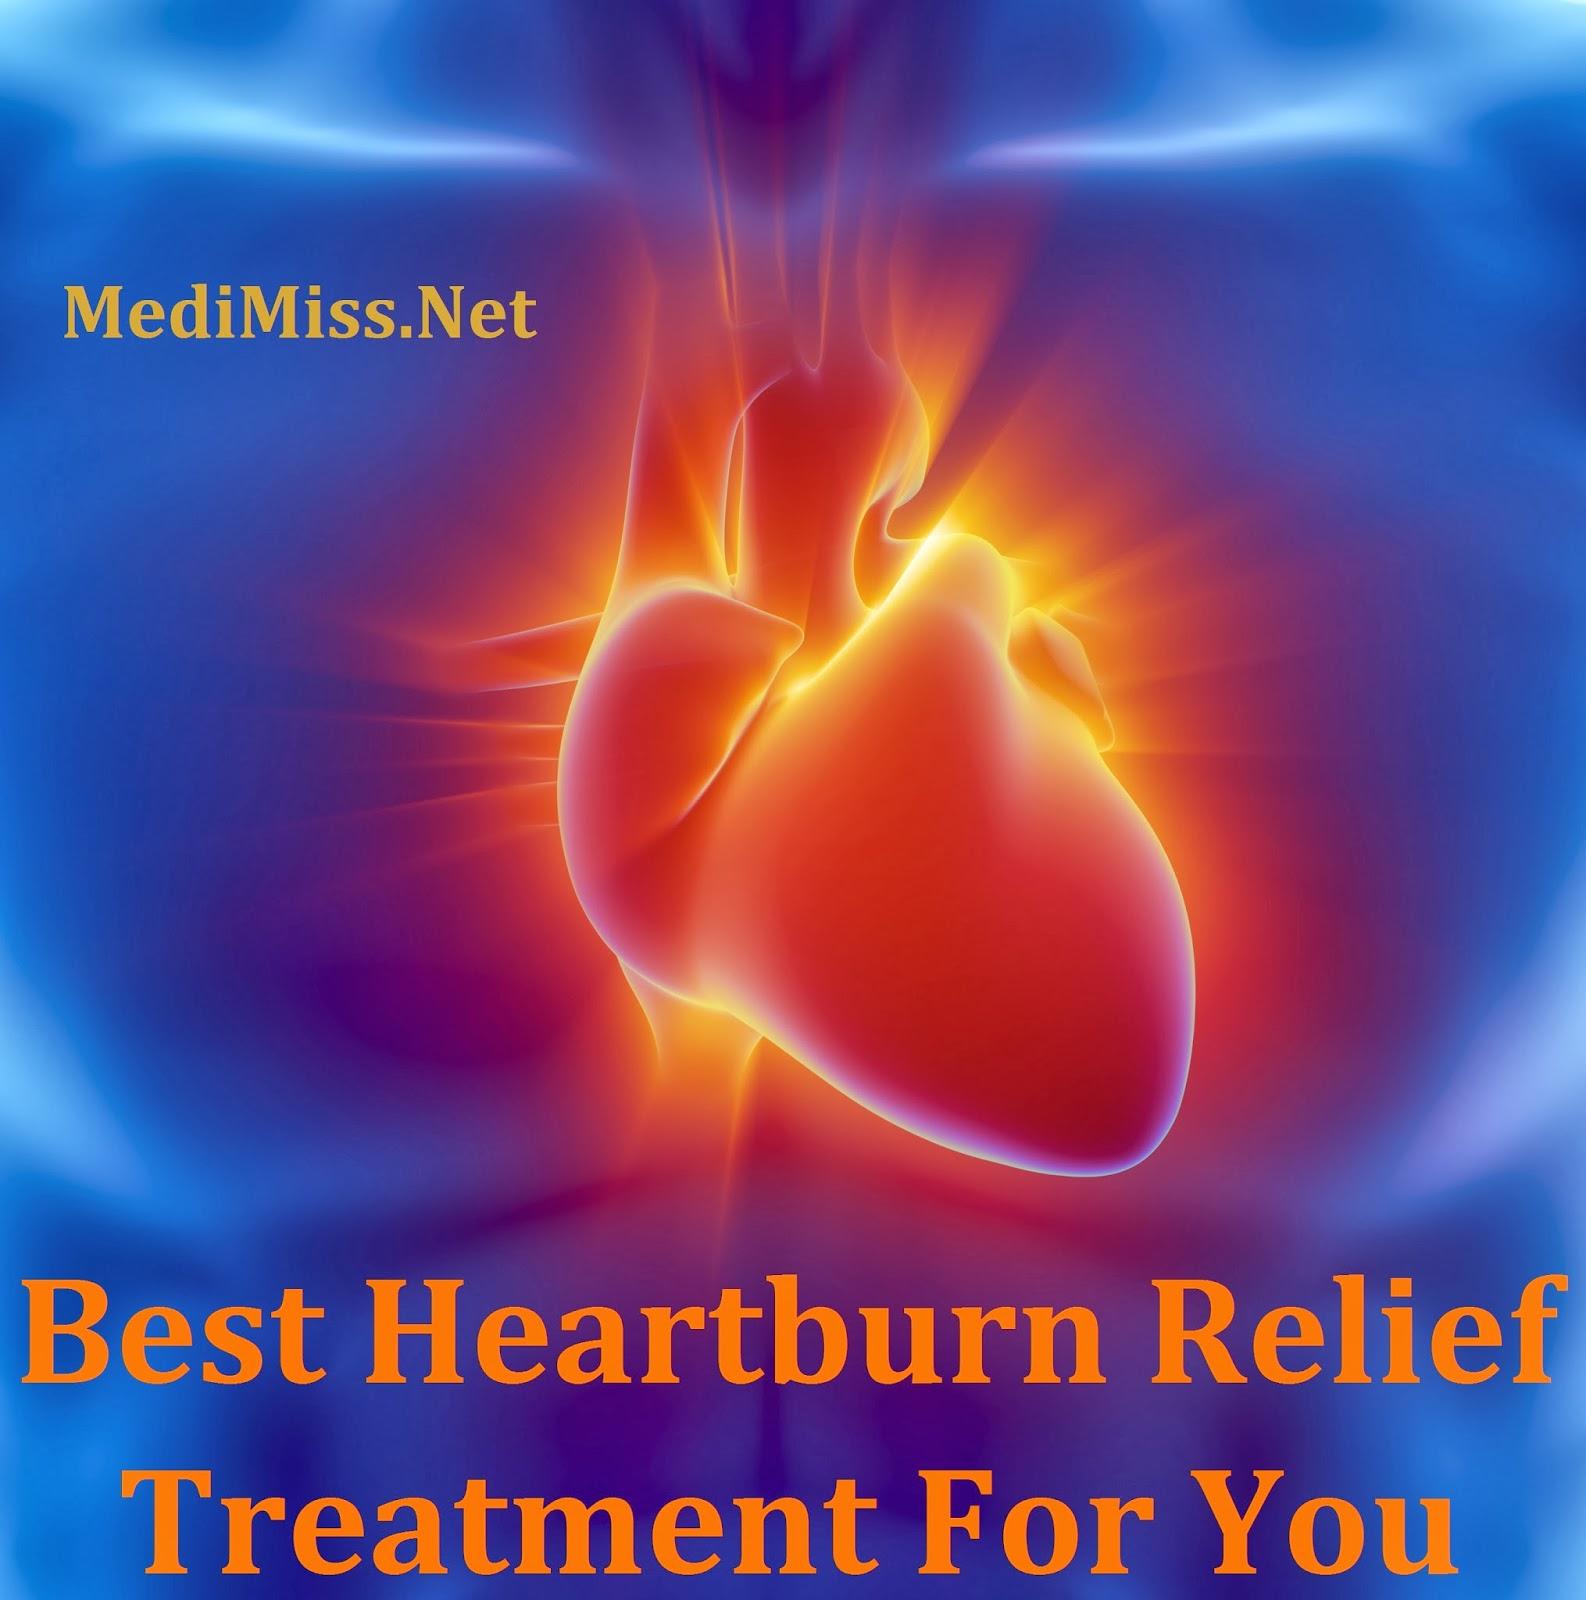 Best Heartburn Relief